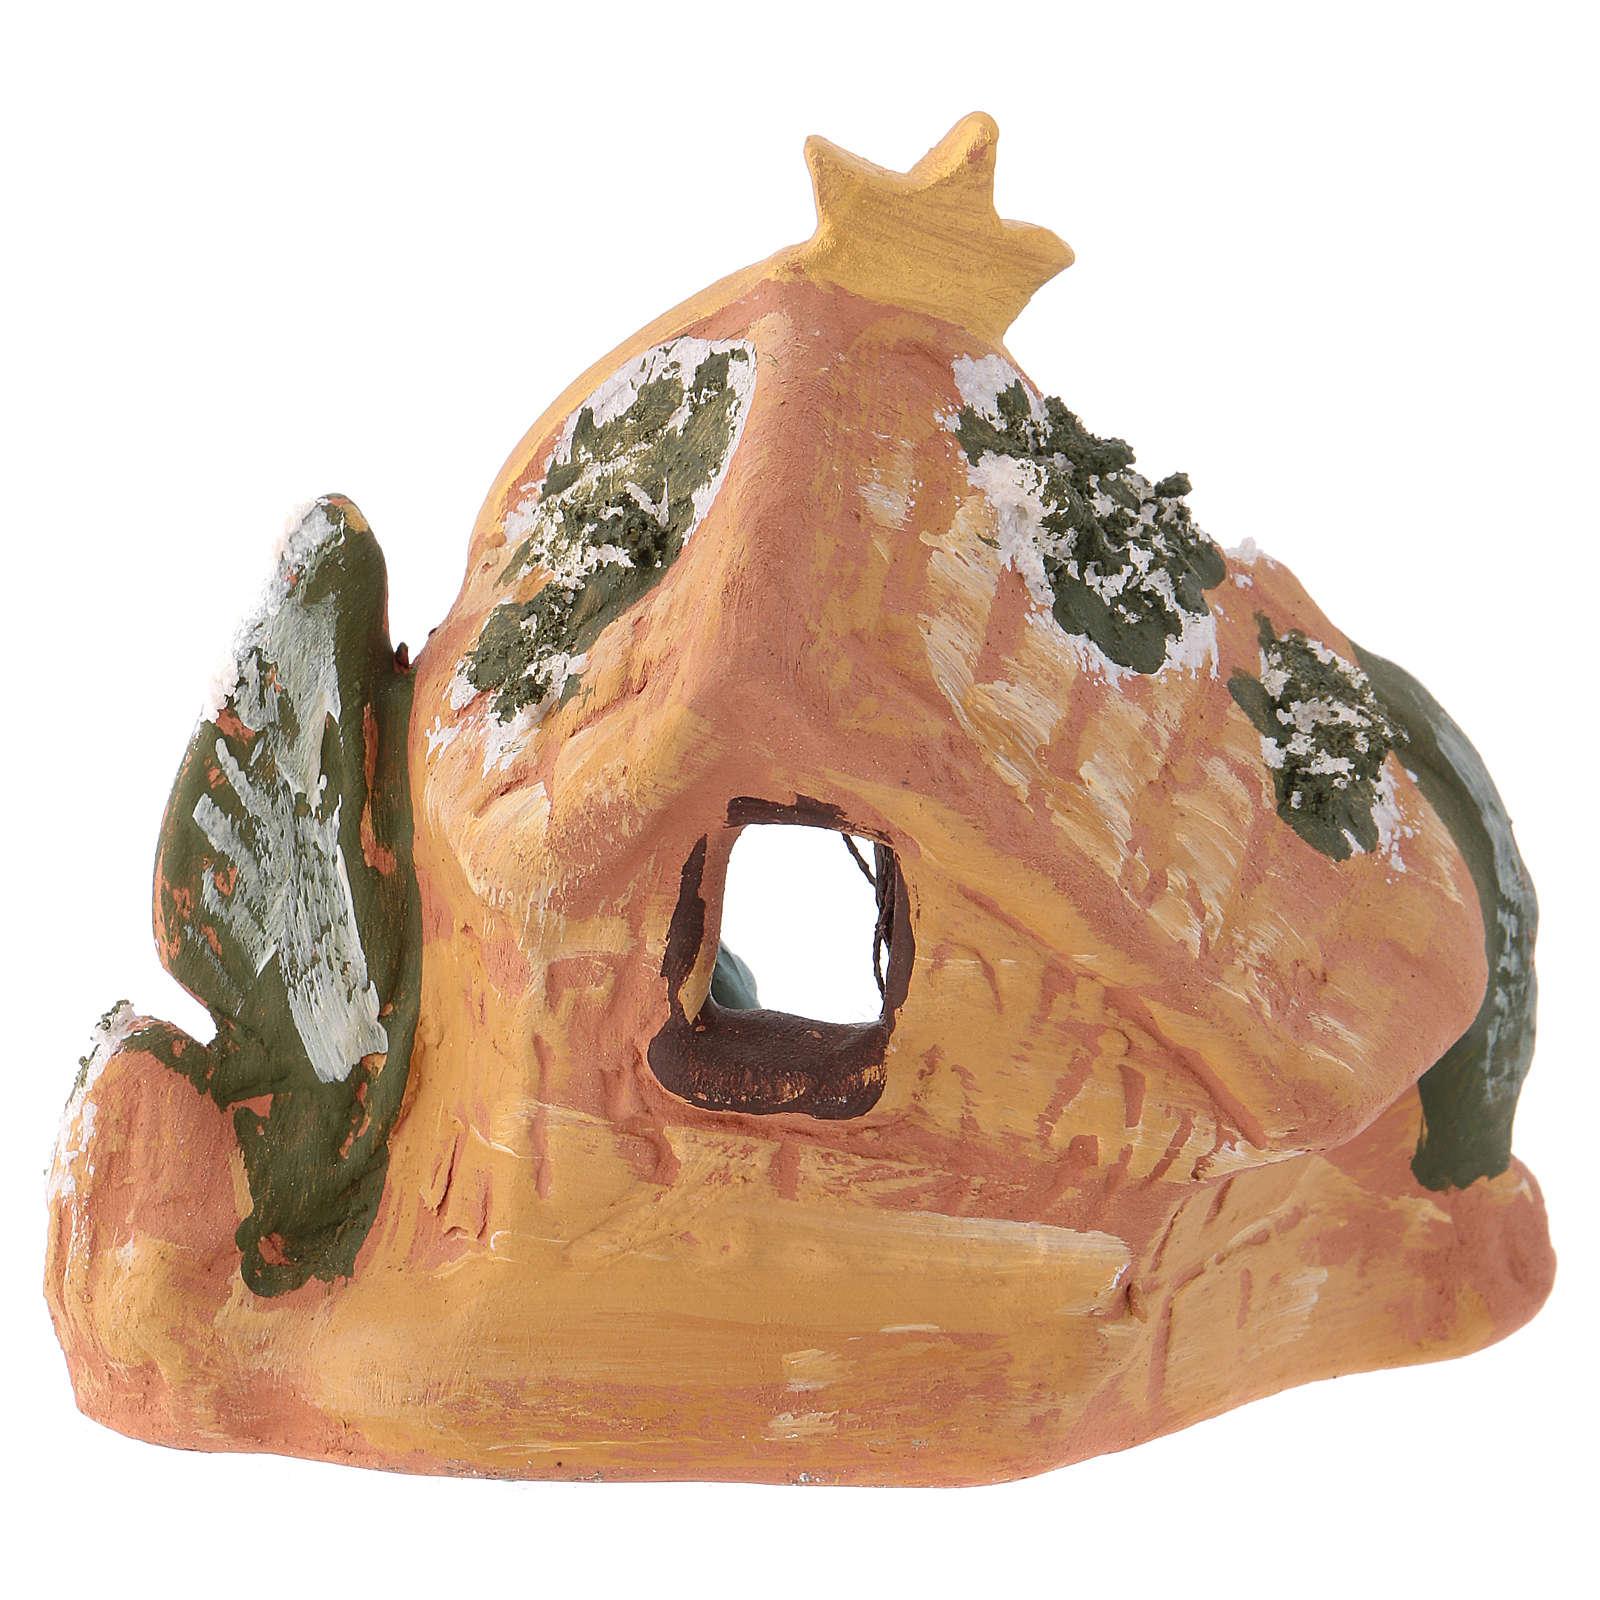 Cabaña de terracota coloreada Deruta 10x10x5 cm para belén 4 cm 4